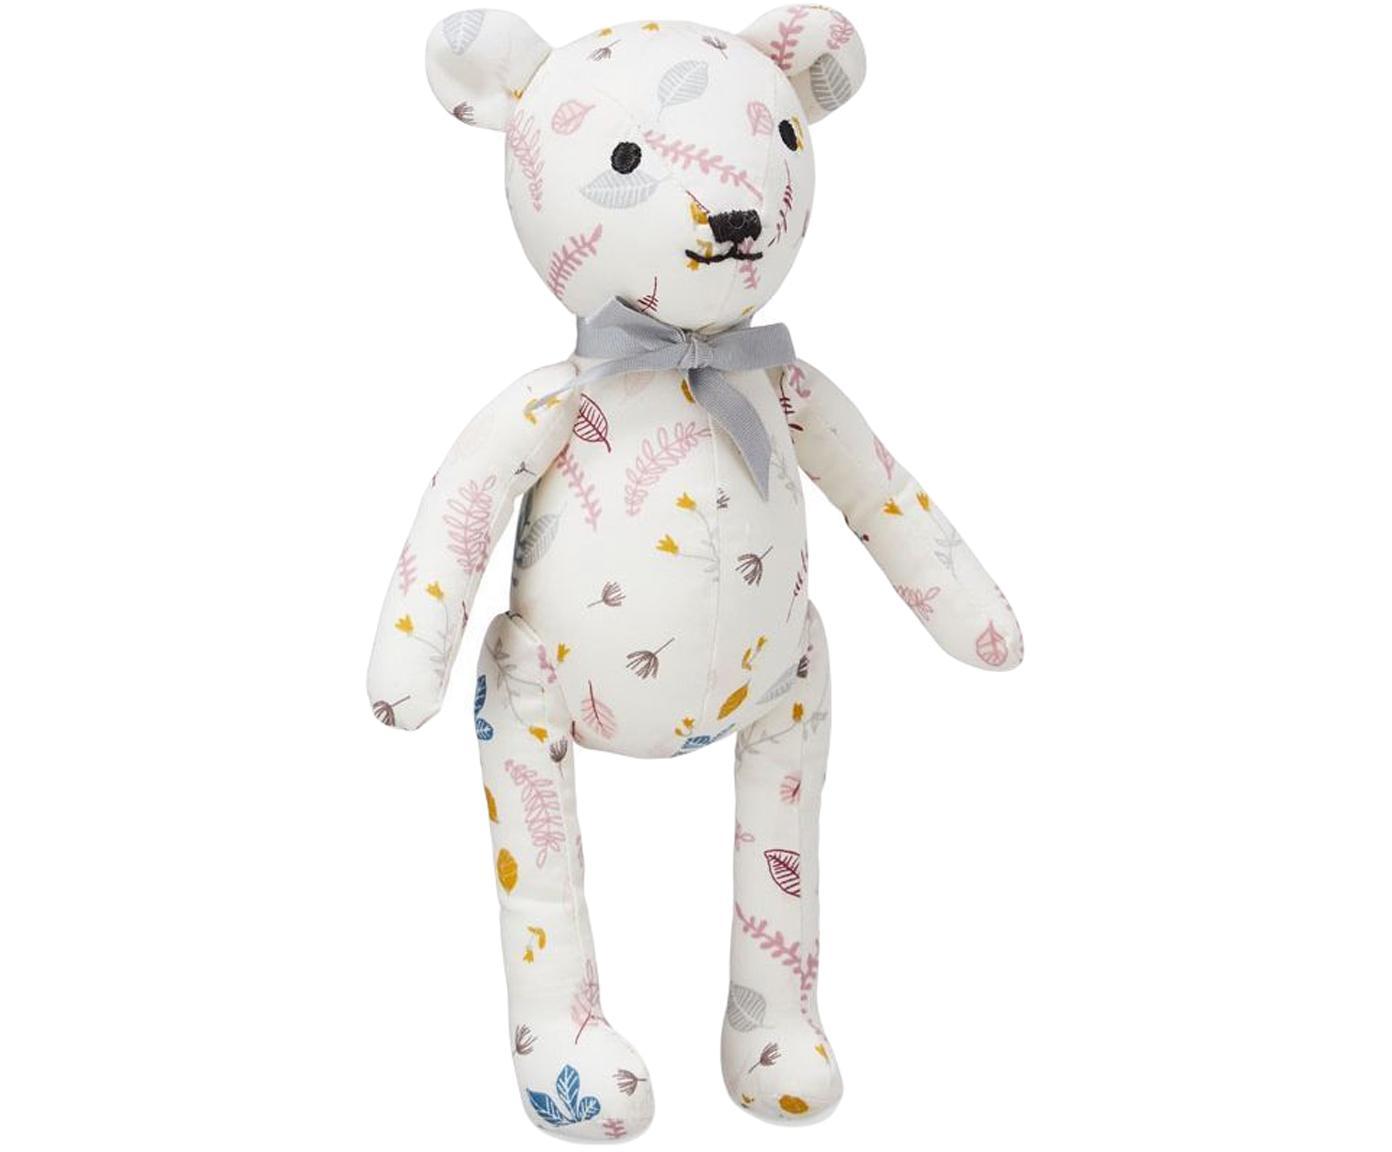 Kuscheltier Teddy aus Bio-Baumwolle, Bezug: Bio-Baumwolle, OCS-zertif, Weiß, Rosatöne, Gelb, 14 x 28 cm